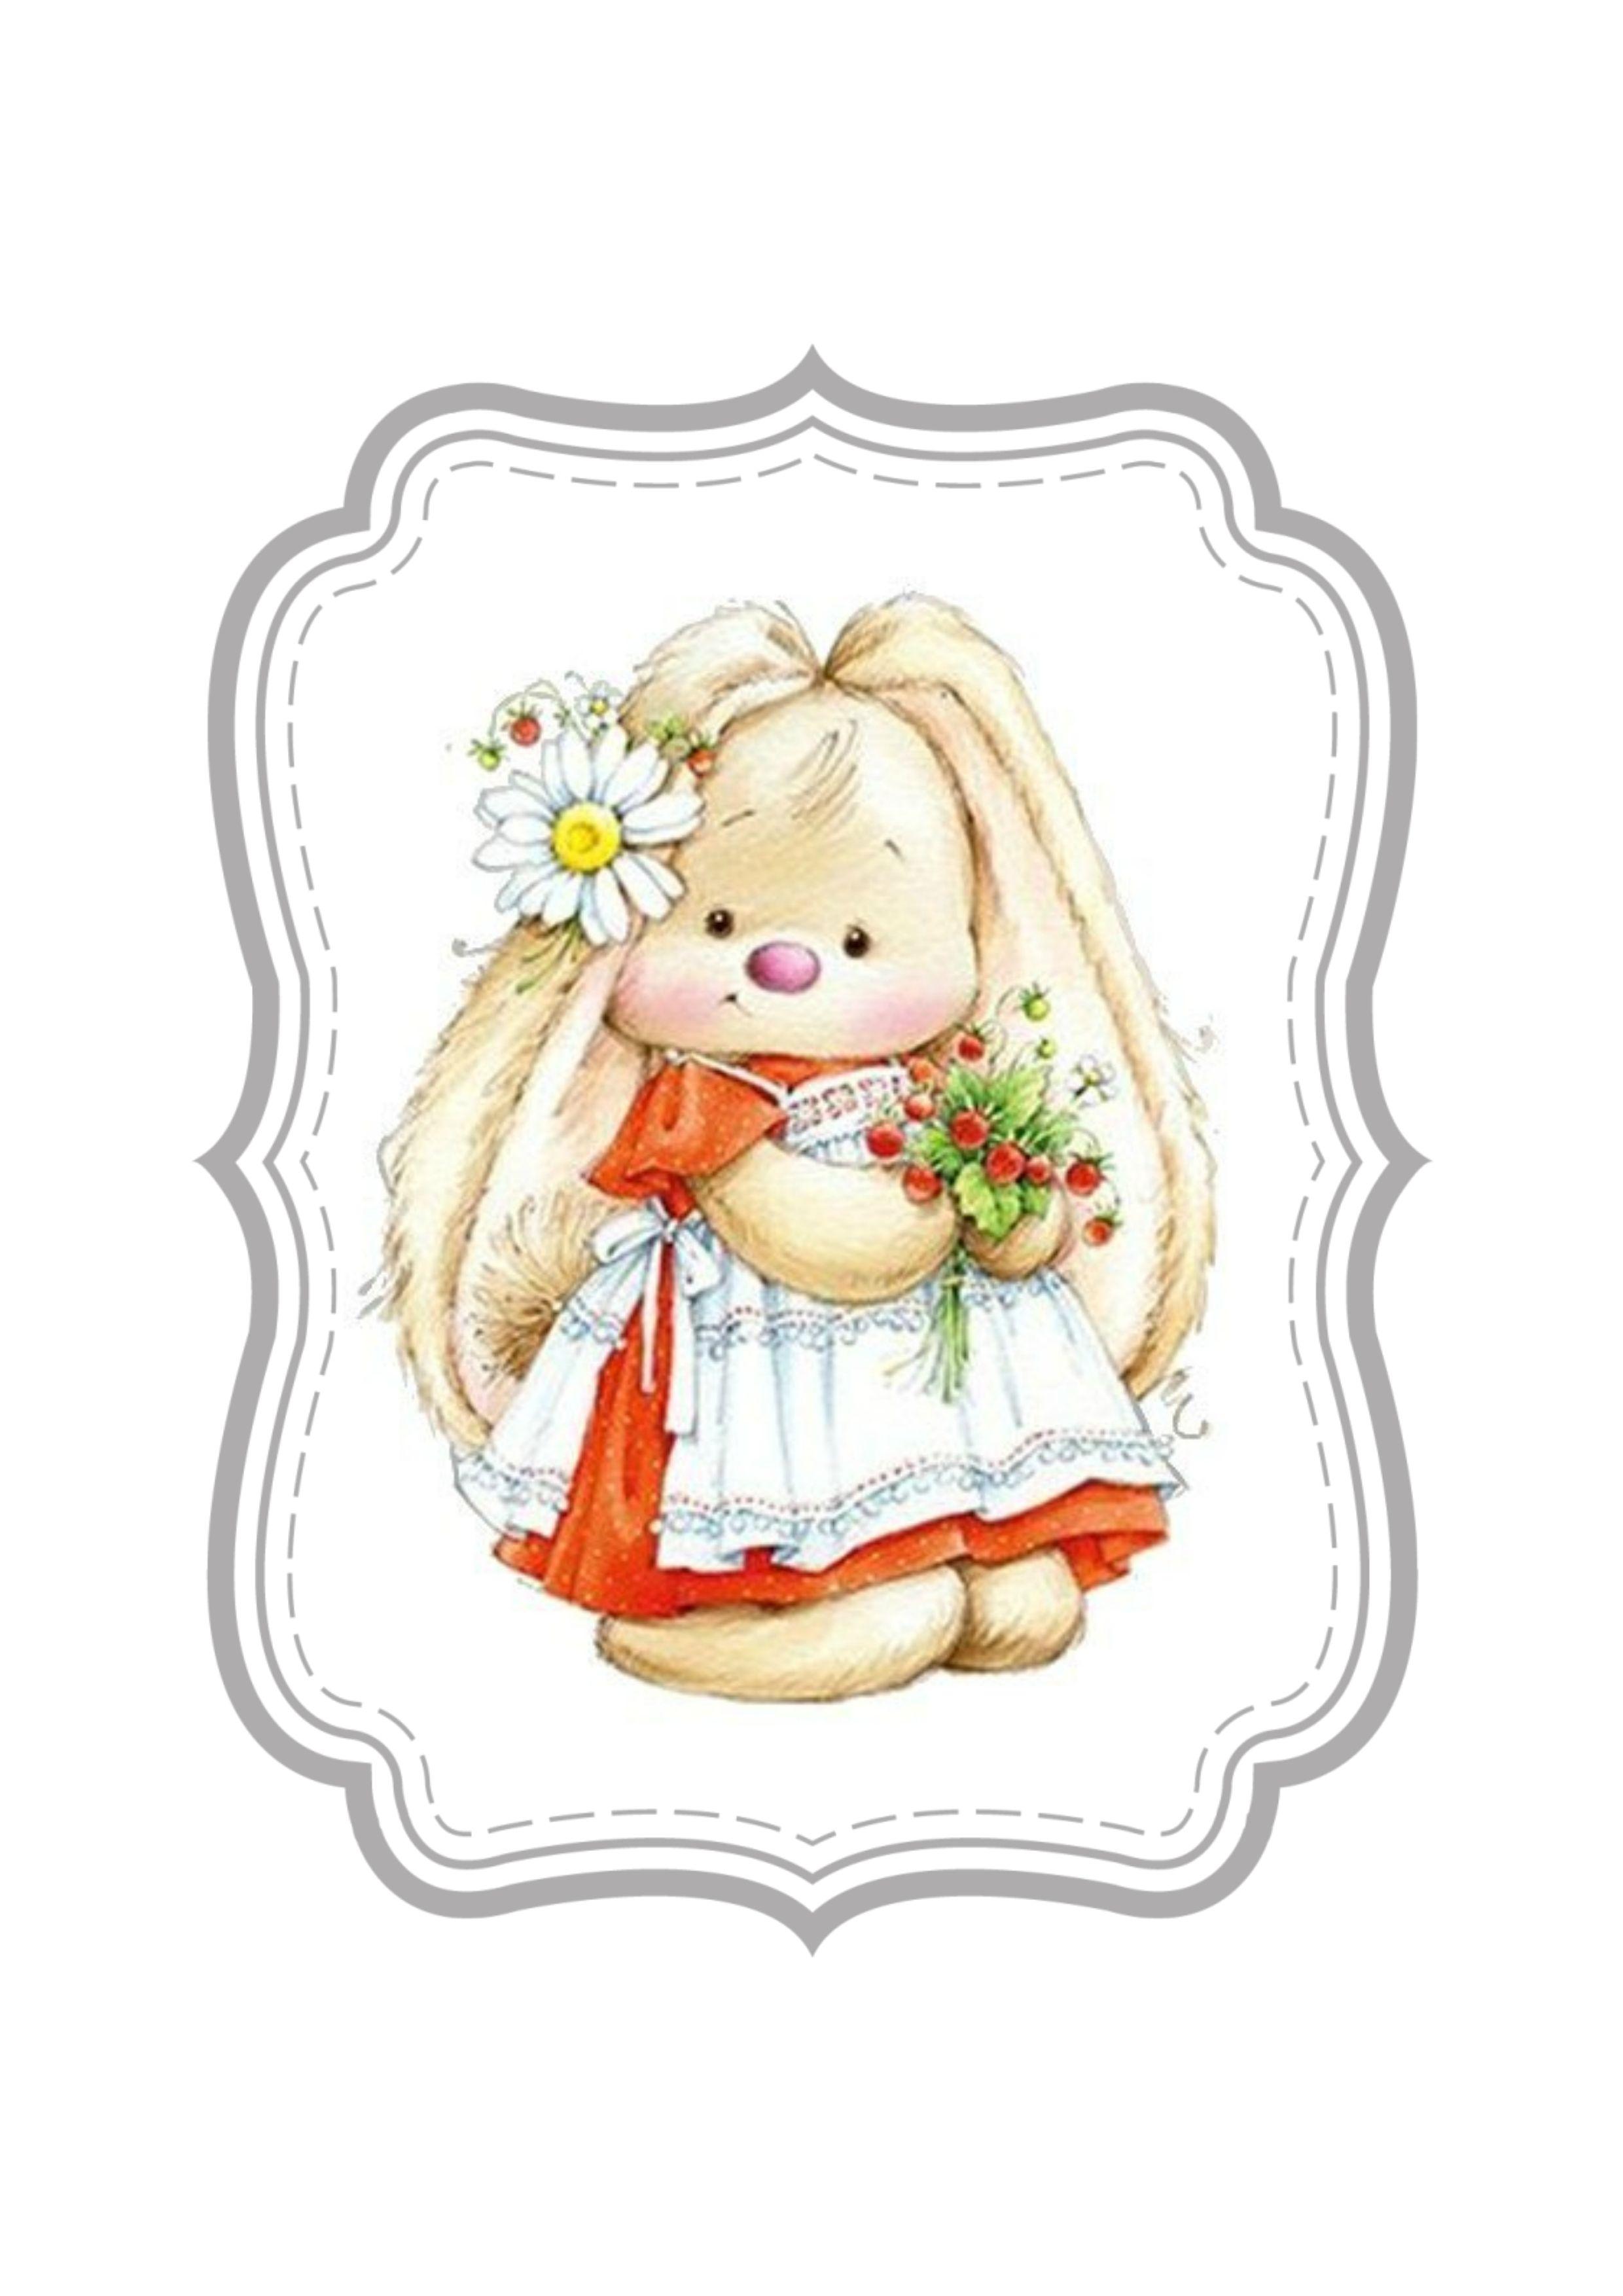 Marina Fedotova Animal clipart, Cute drawings, Cute bunny